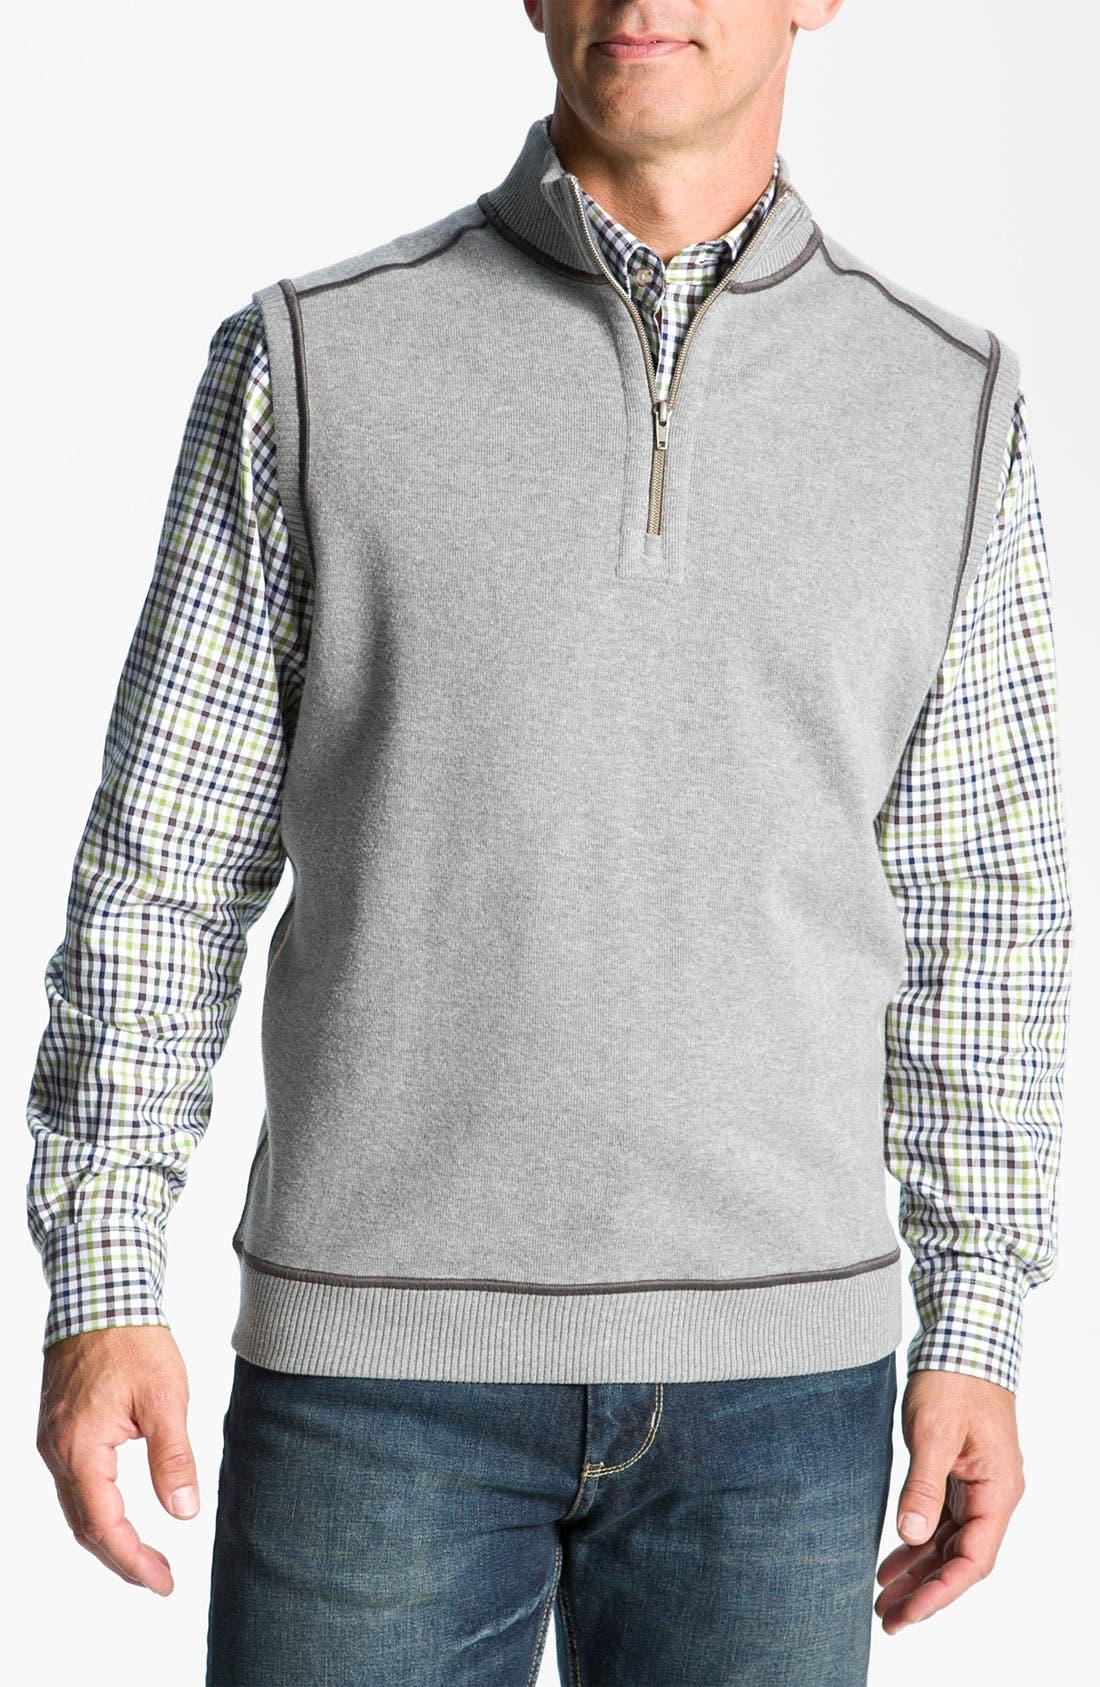 Alternate Image 1 Selected - Cutter & Buck 'Essex' Reversible Half Zip Vest